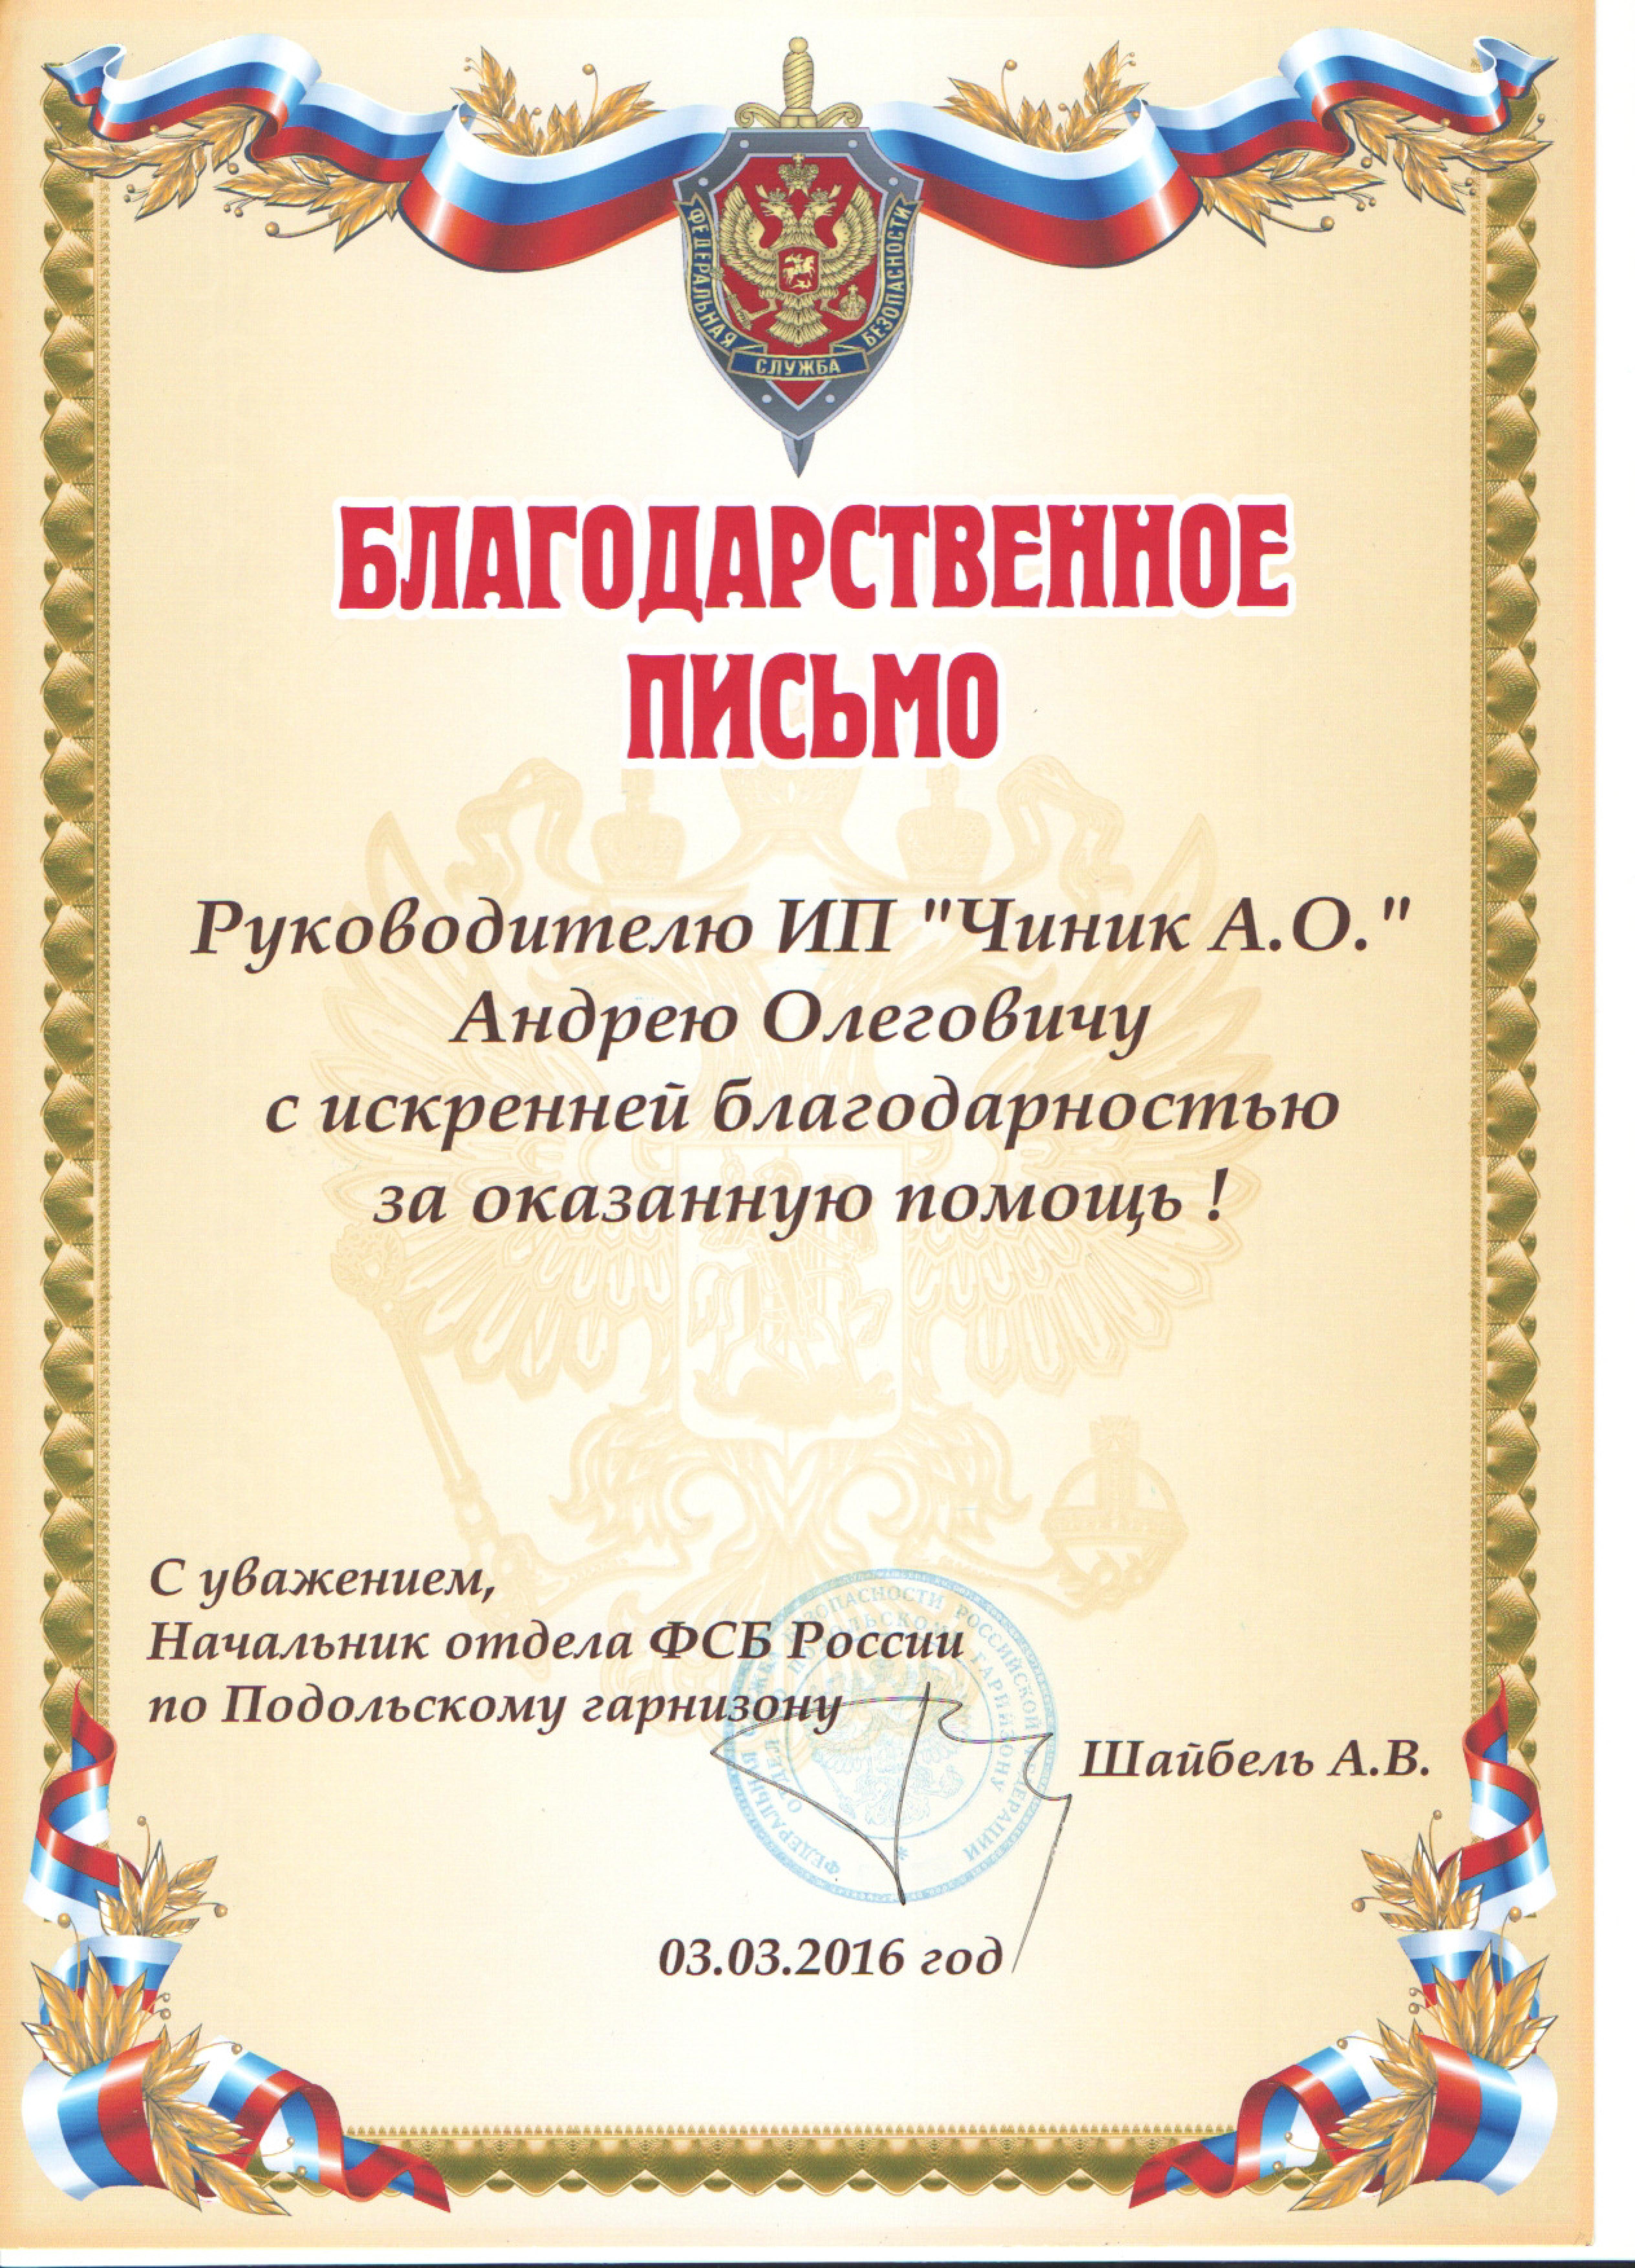 Видеонаблюдение Подольск